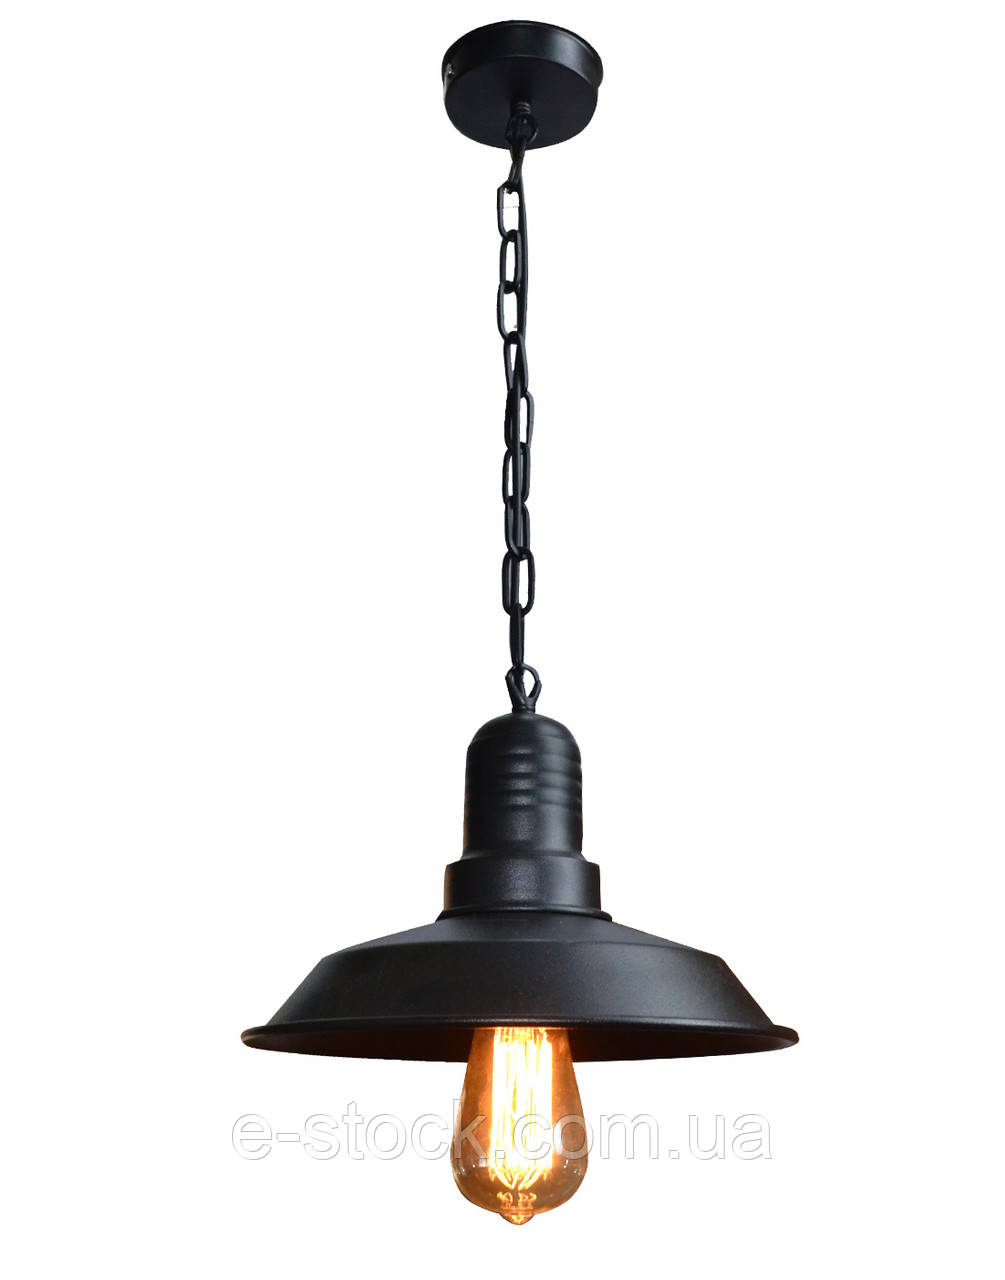 Светильник подвесной, потолочный, стиль лофт